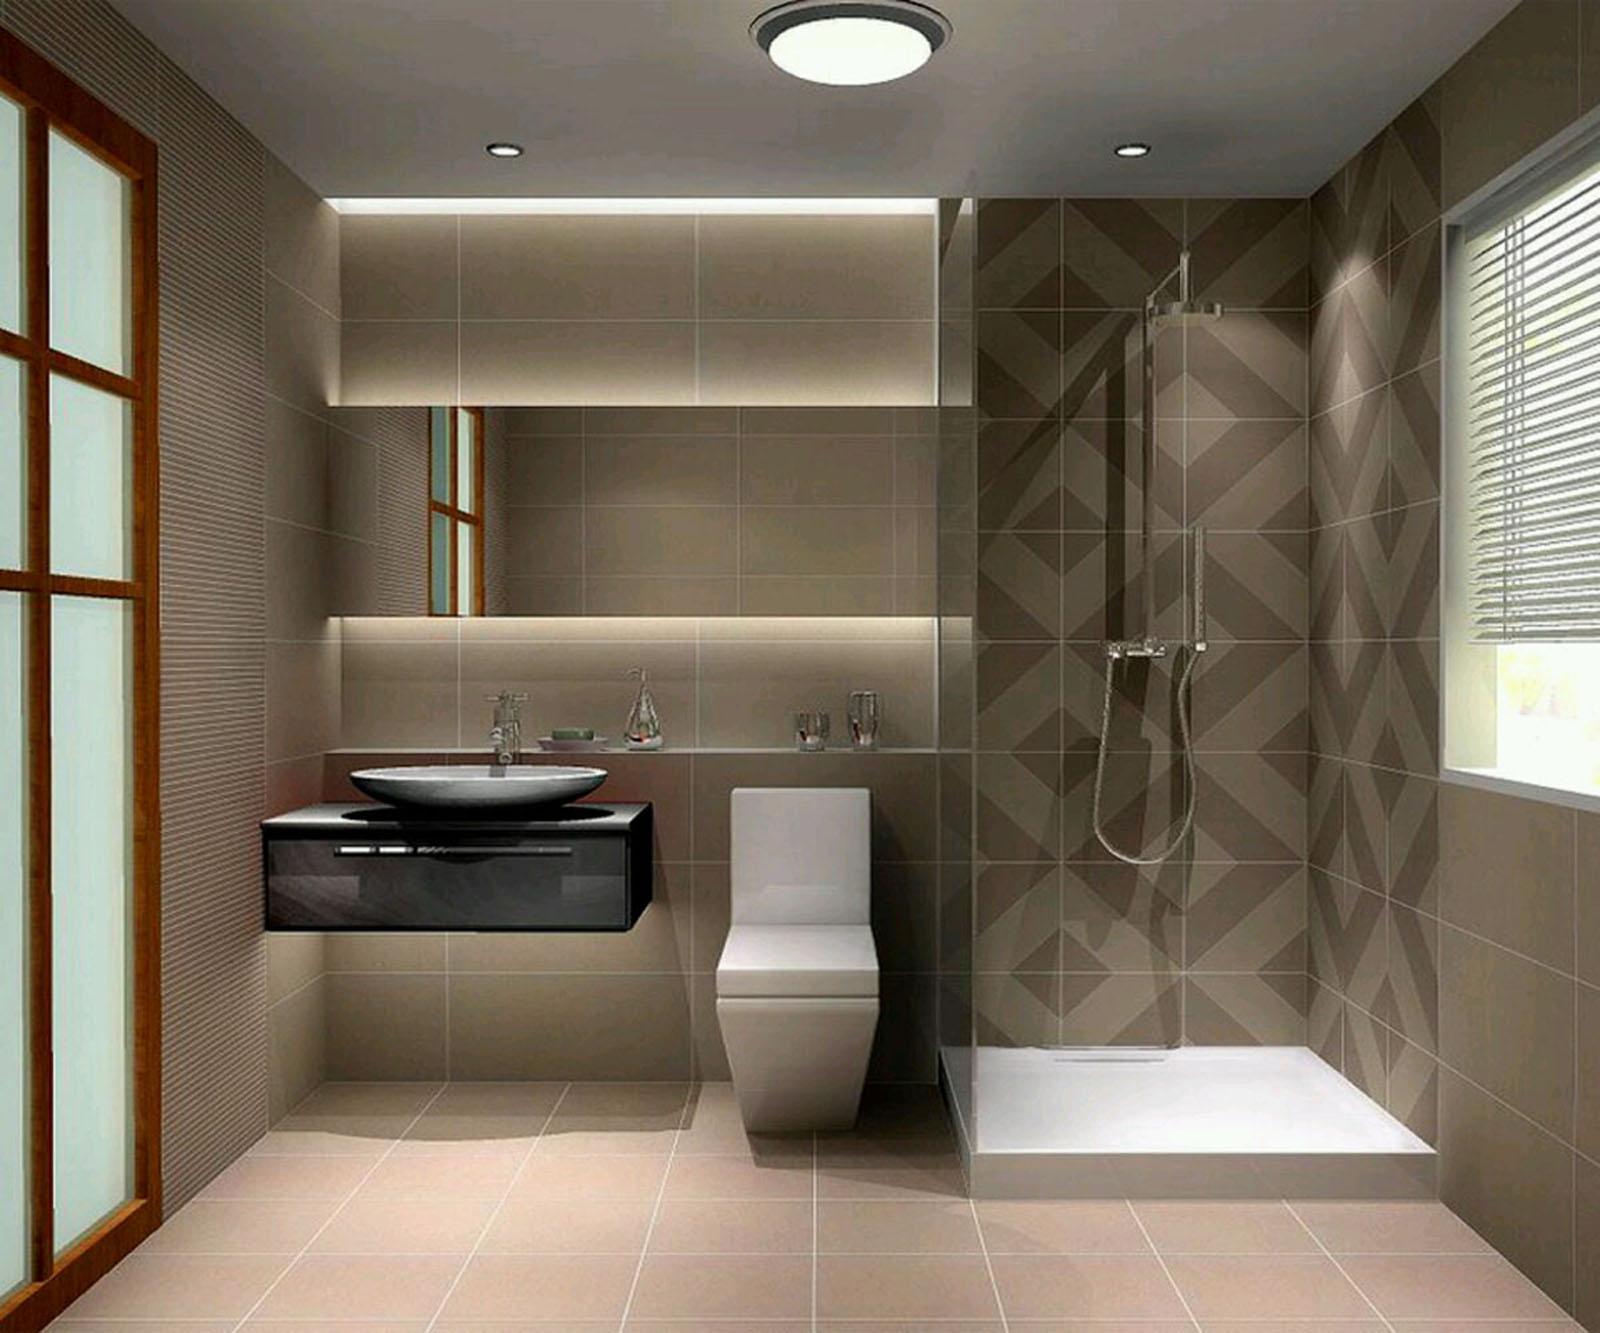 bathroom design ideas - HD1024×853